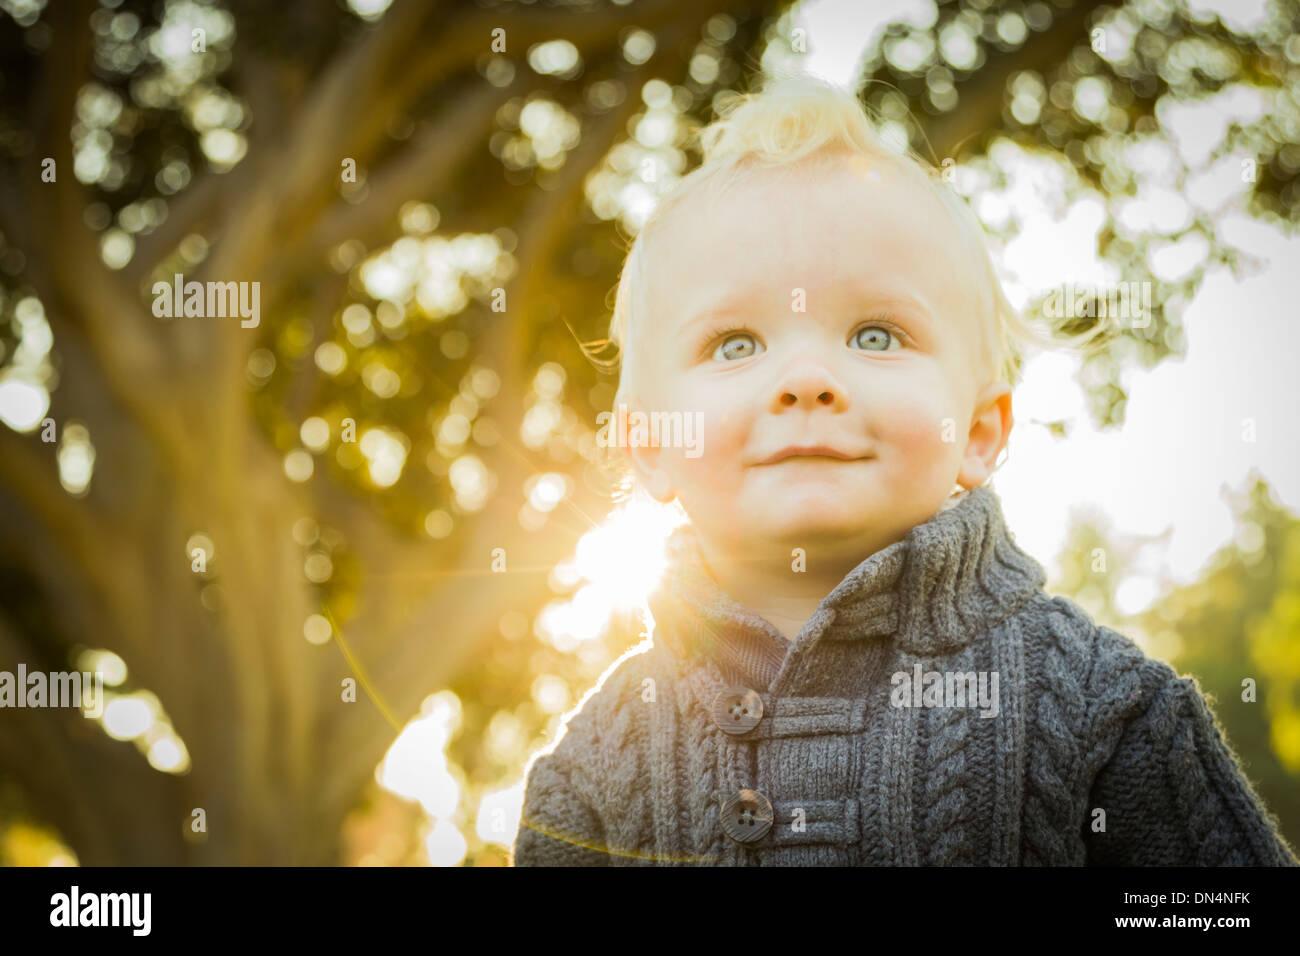 Adorable petit garçon blond bébé à l'extérieur dans le parc. Banque D'Images